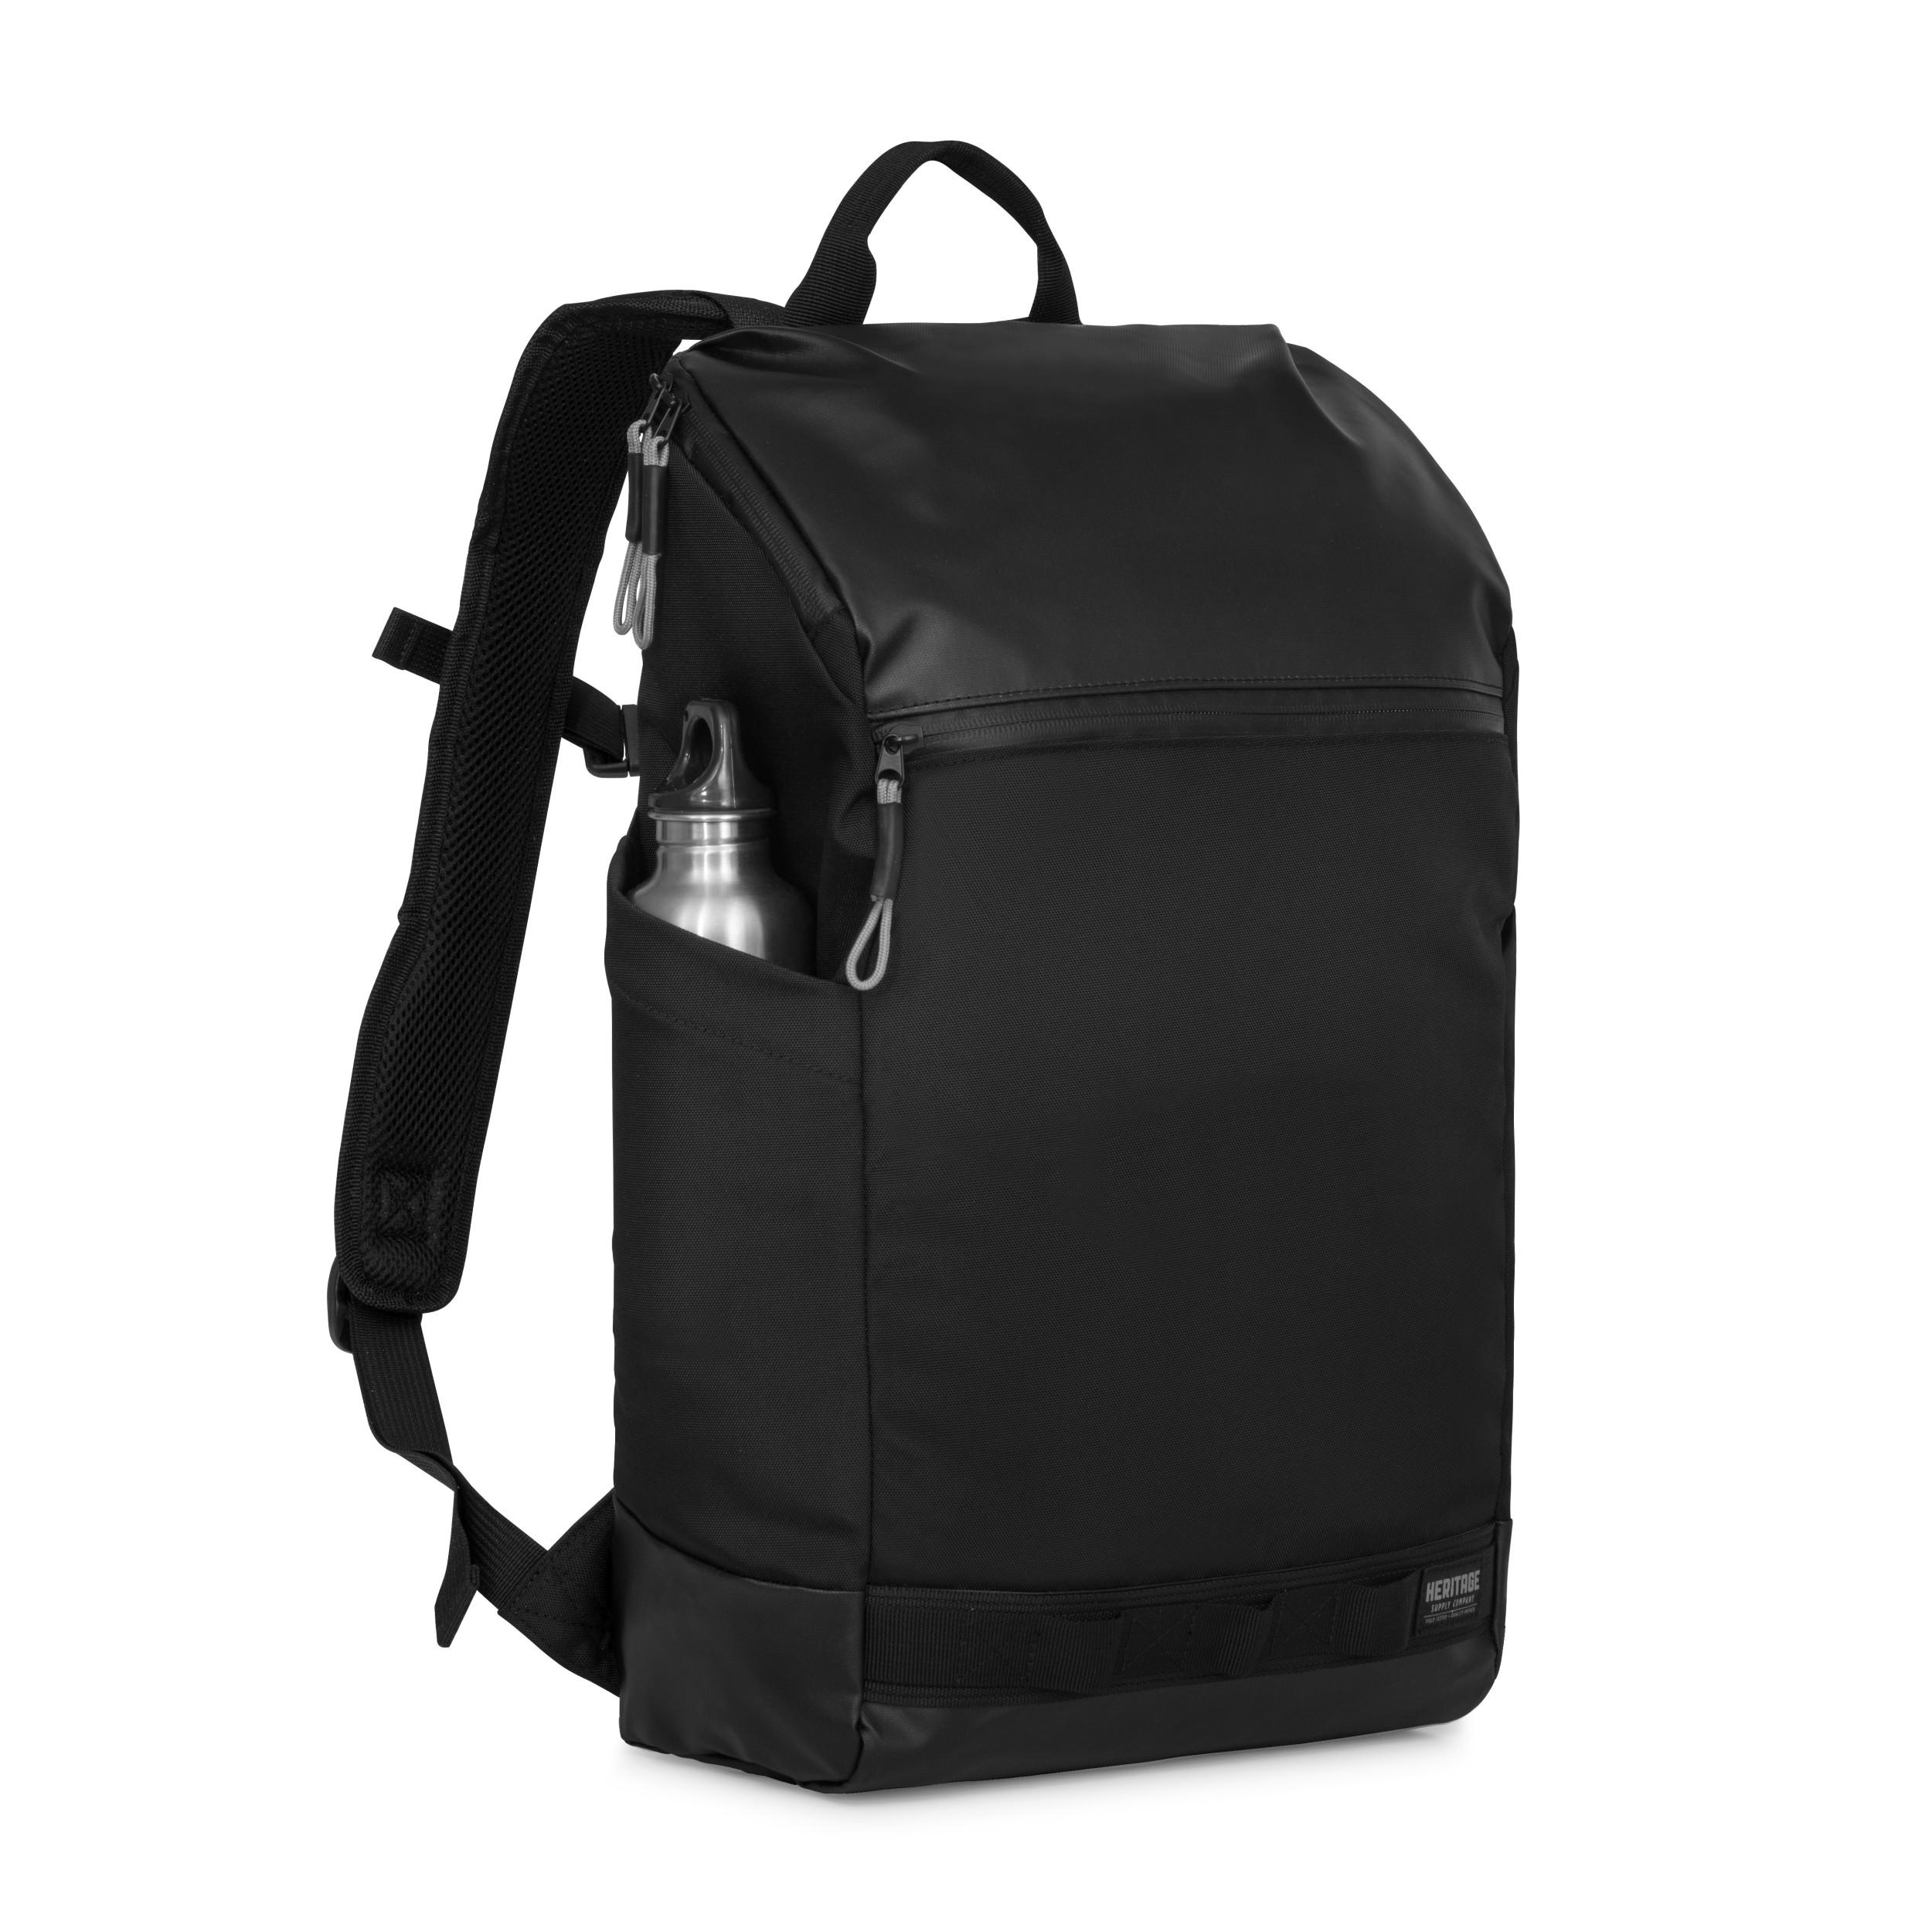 Heritage Supply 5504 - Highline Computer Backpack